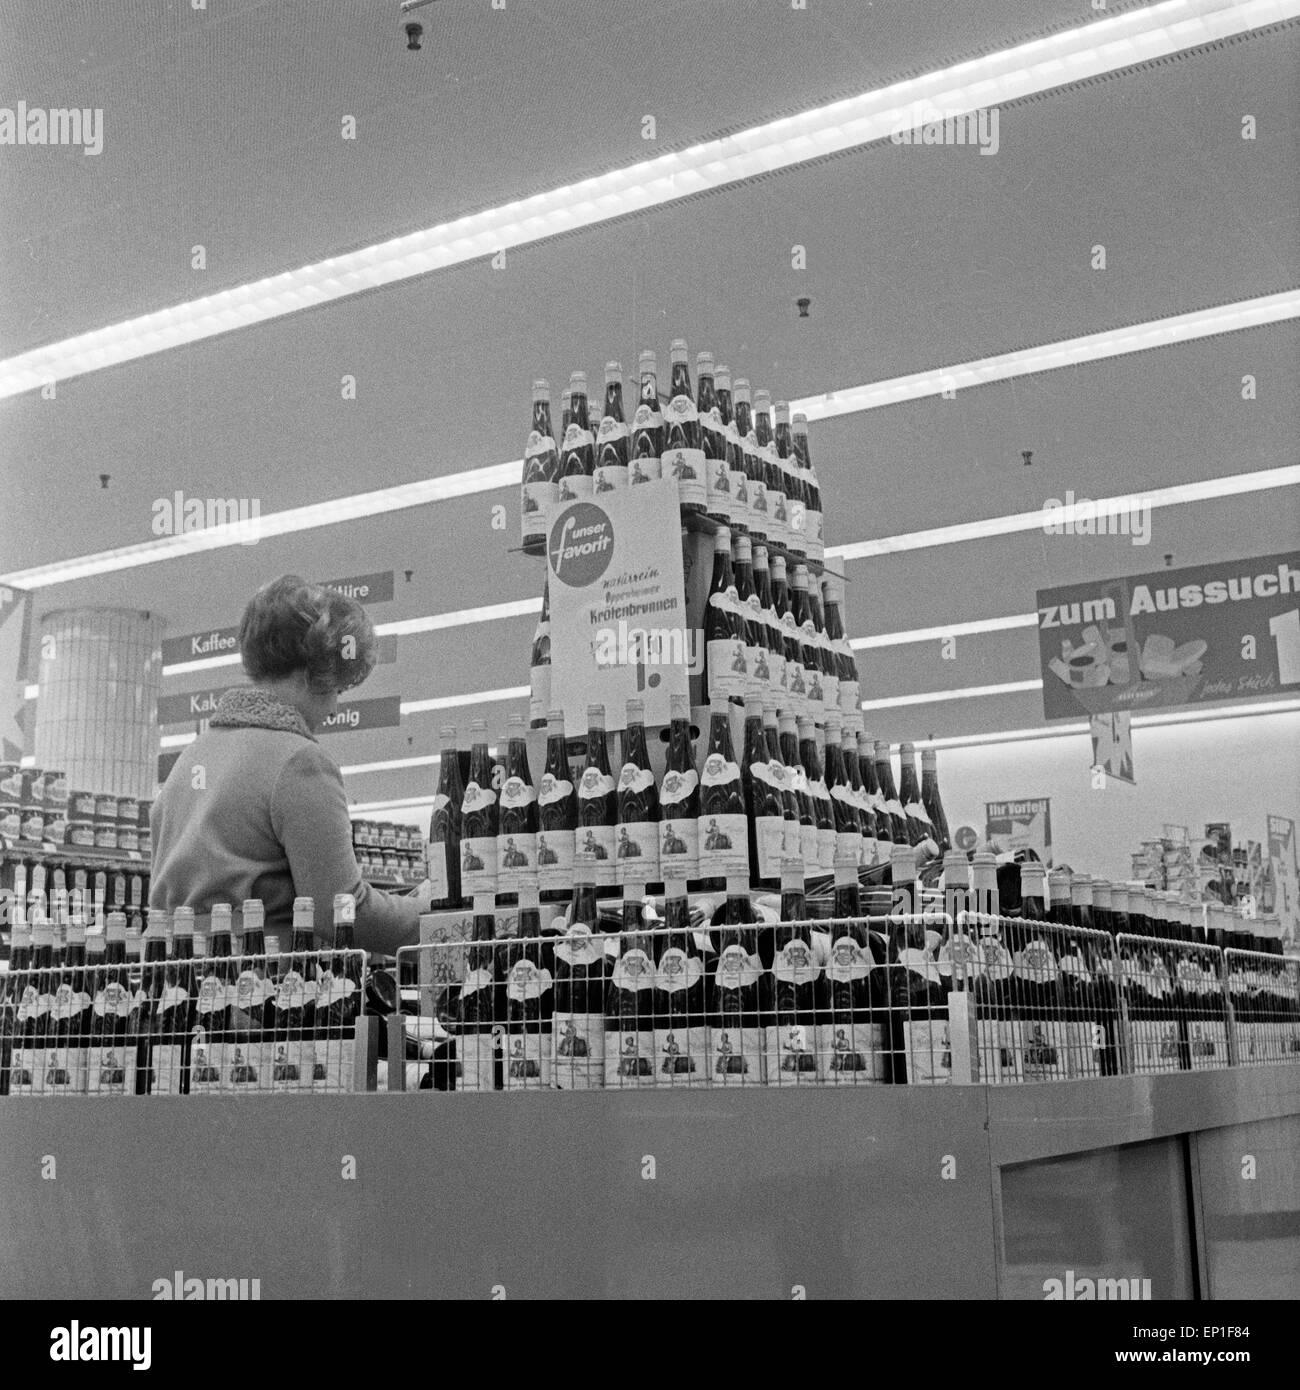 Im Angebot In Einem Supermarkt In Hamburg Oppenheimer Krötenbrunnen